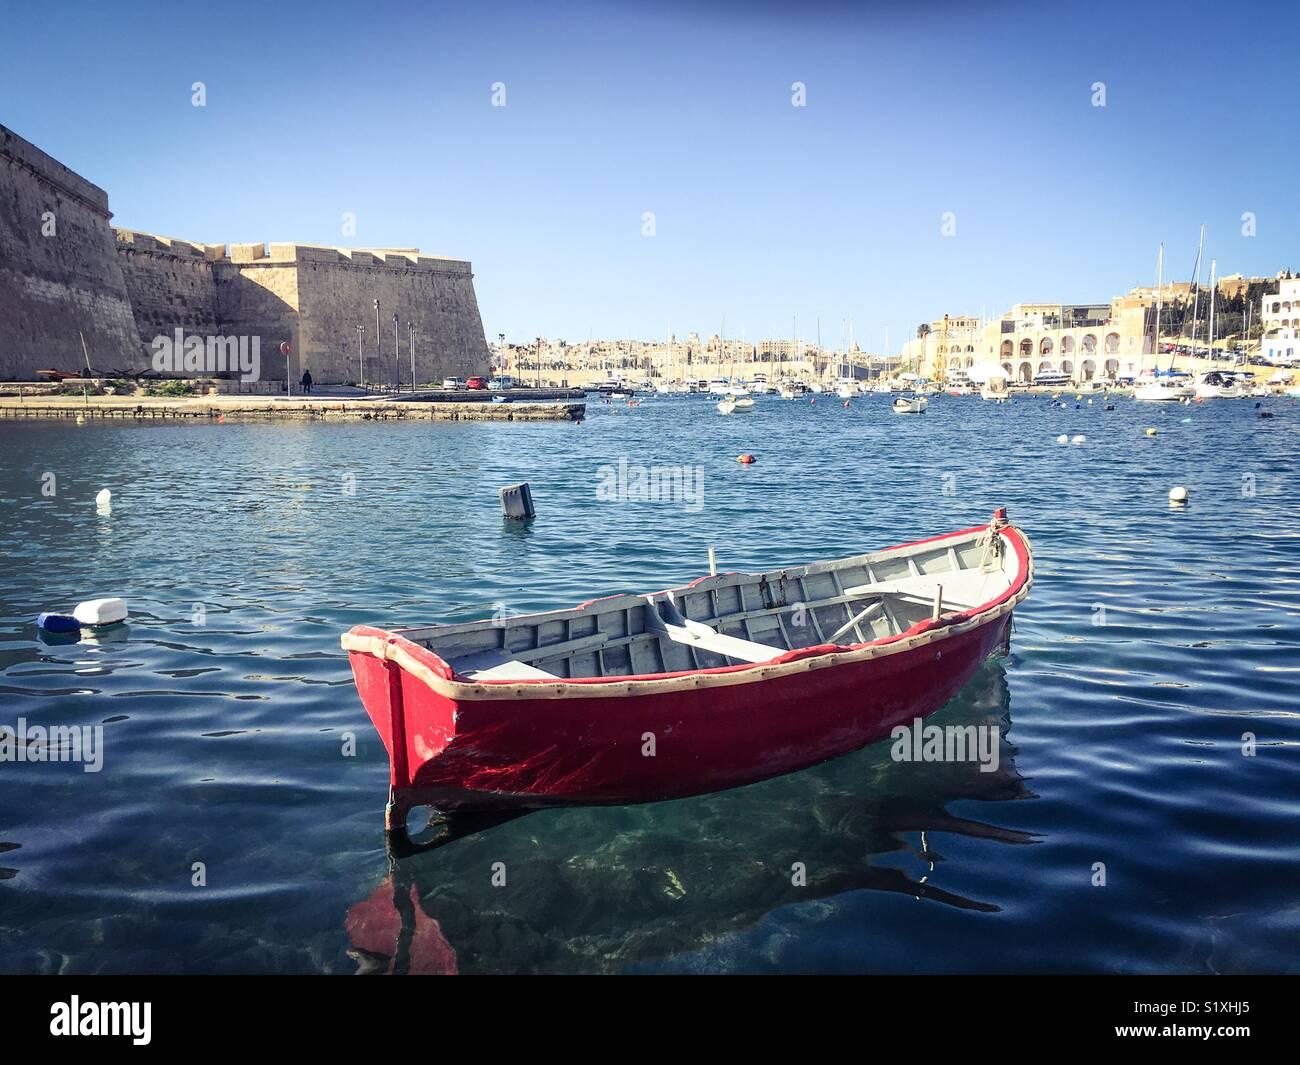 Madera roja pequeña embarcación de pesca en la bahía, Kalkara, Malta Imagen De Stock